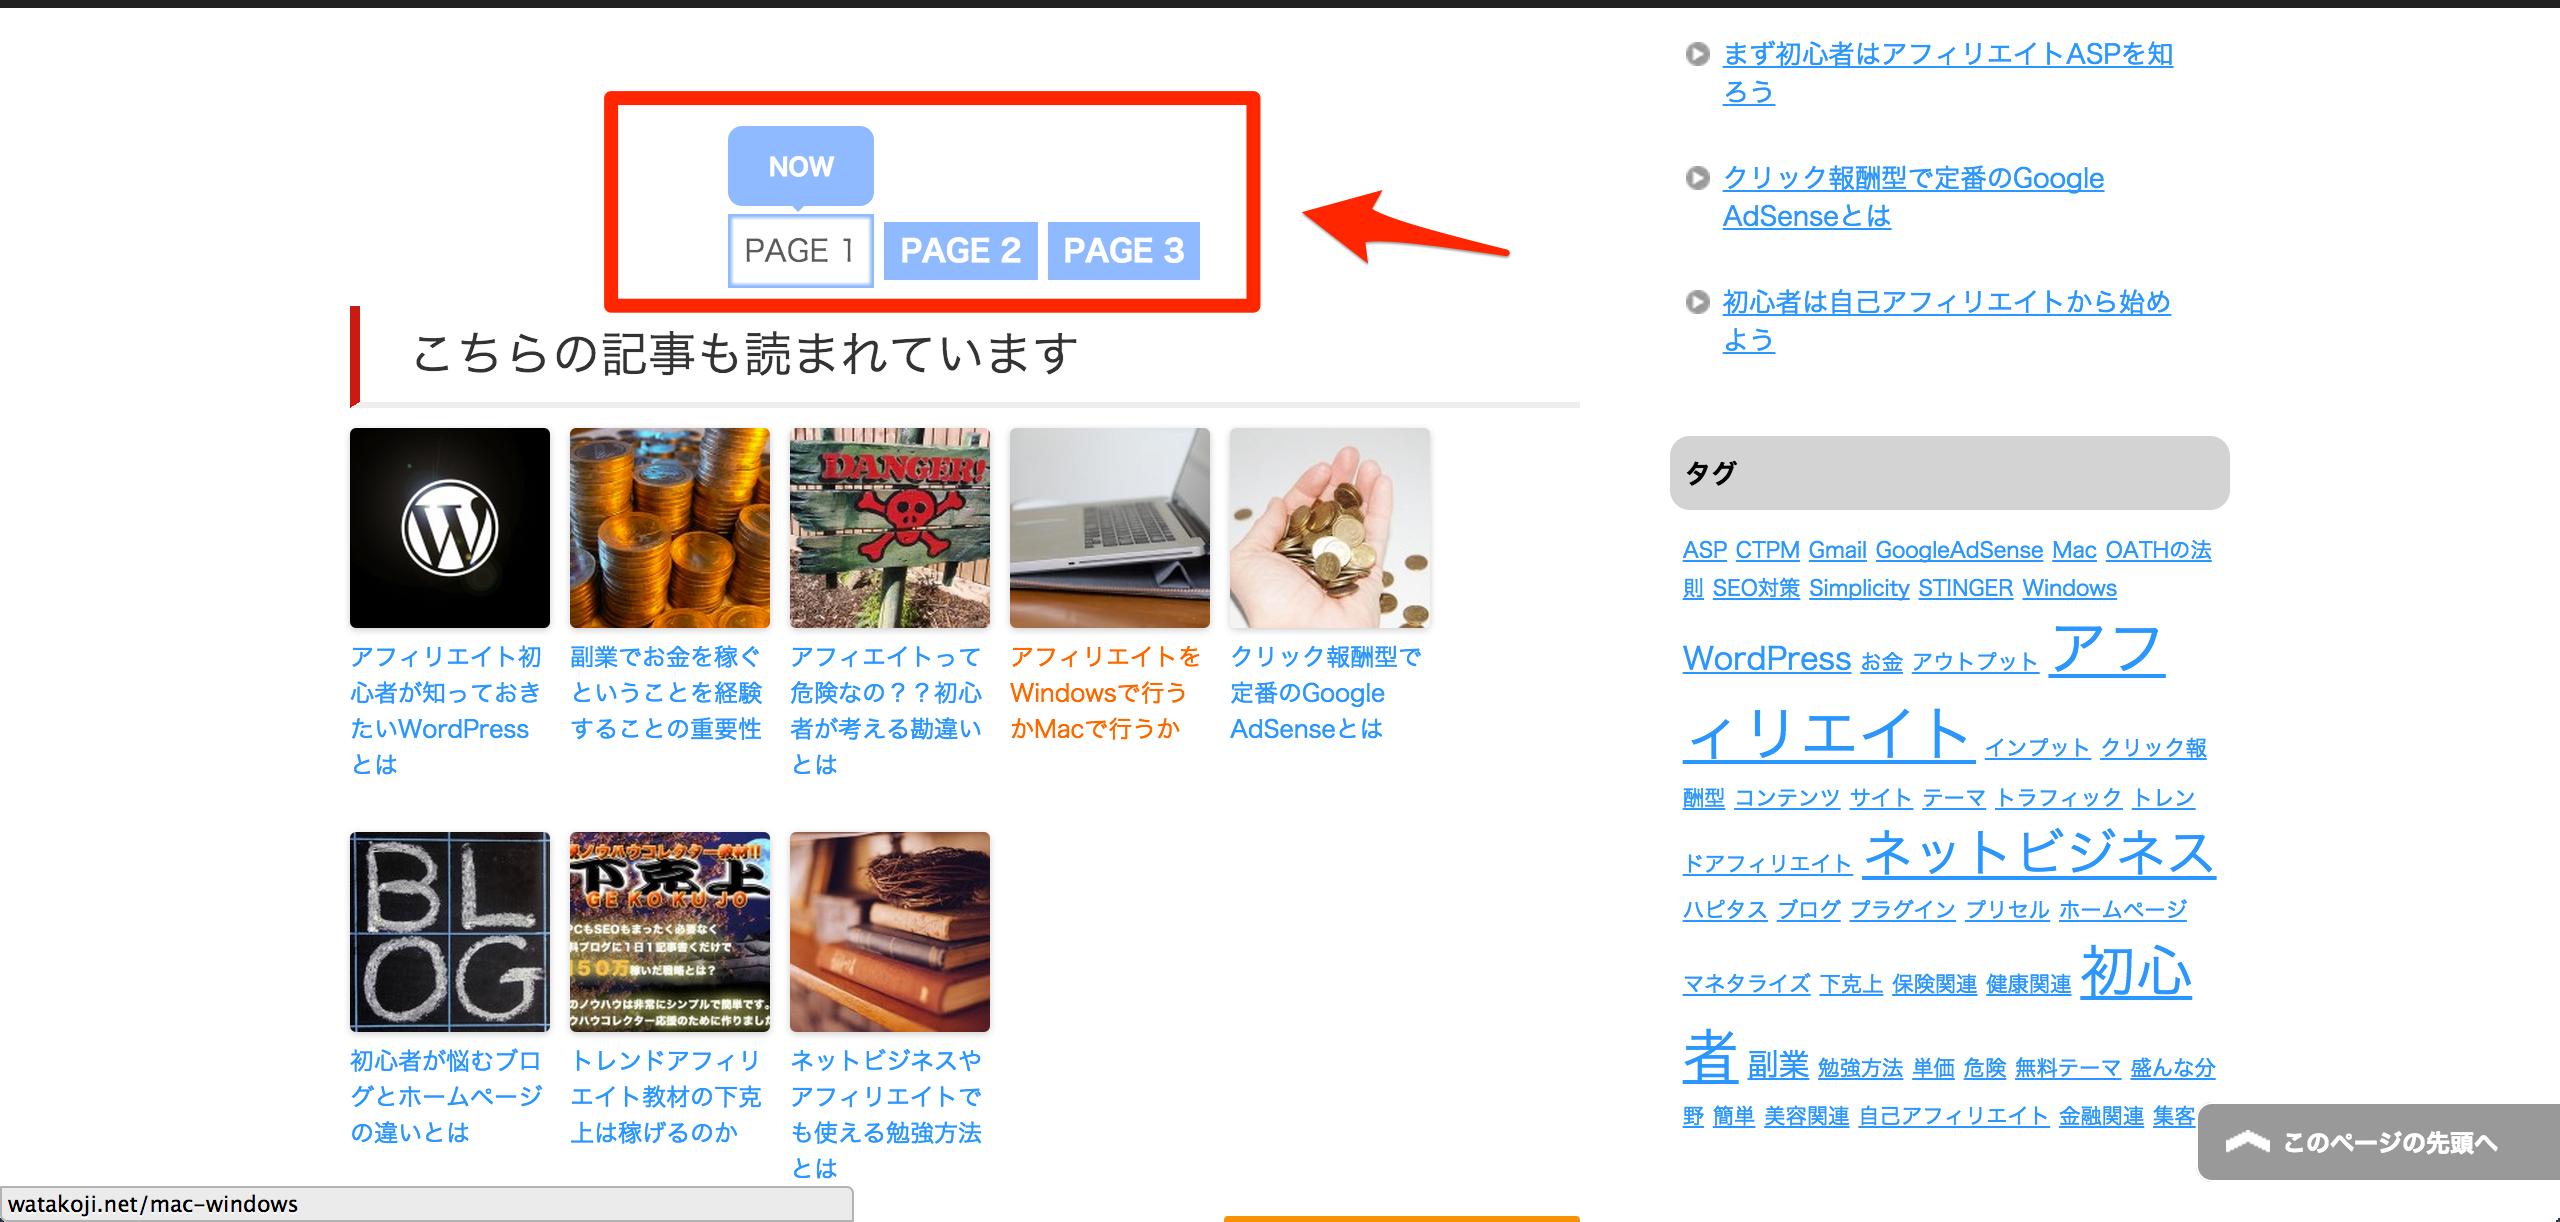 賢威6.2で関連記事下にページネーションが出てしまう時の対処法